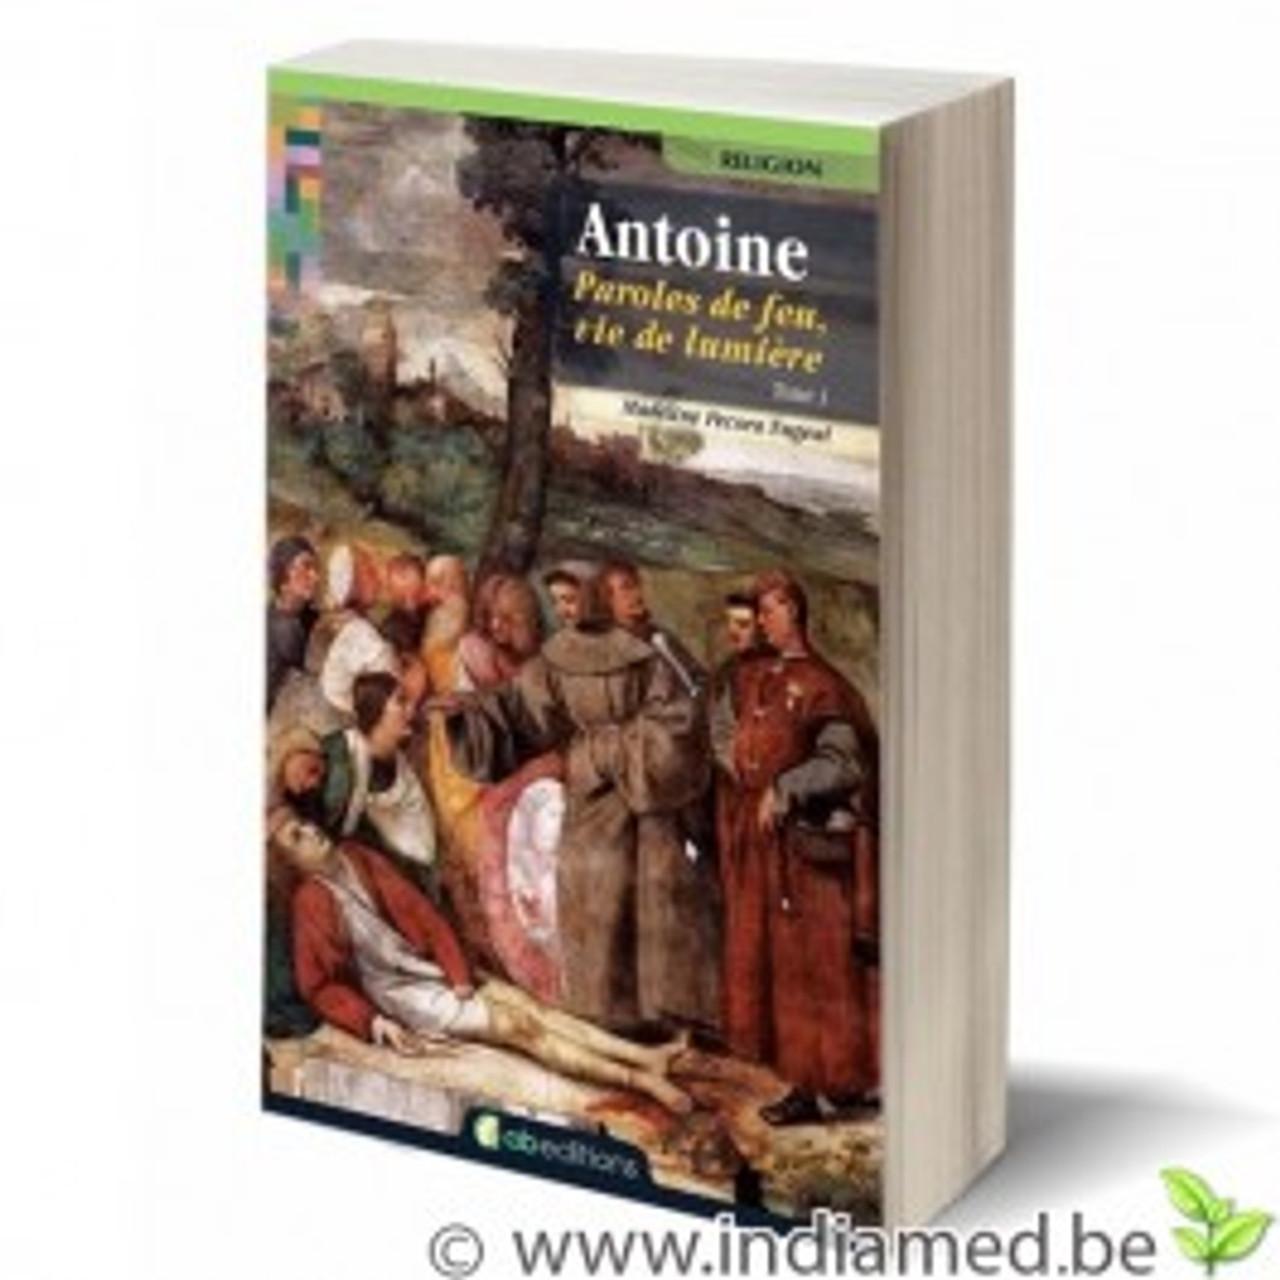 Antoine Paroles de feu, vie de lumiére  Tome 1 and Tome 2